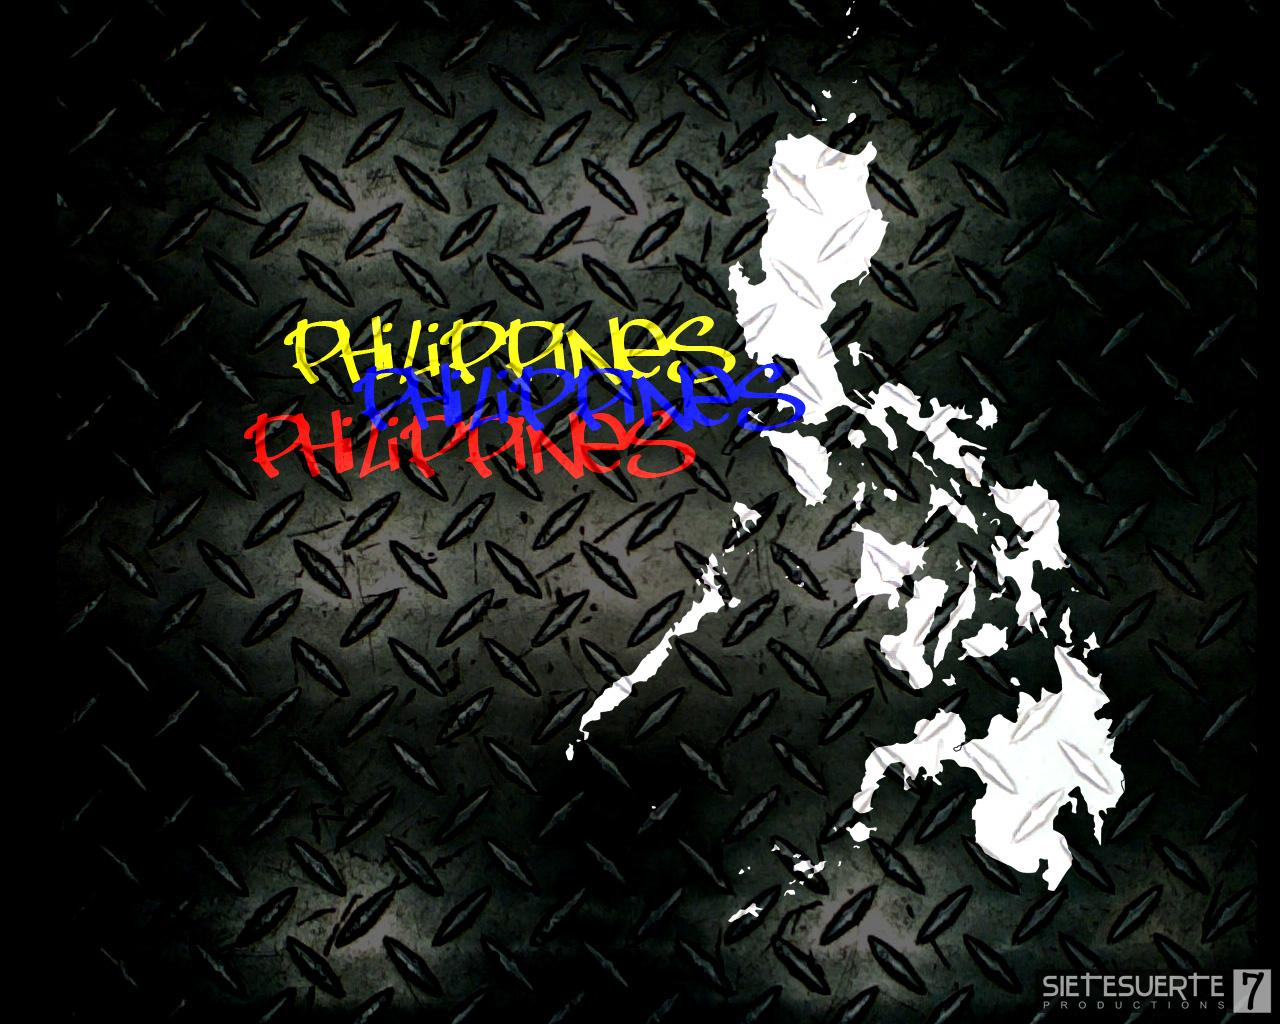 filipino culture wallpaper - photo #26